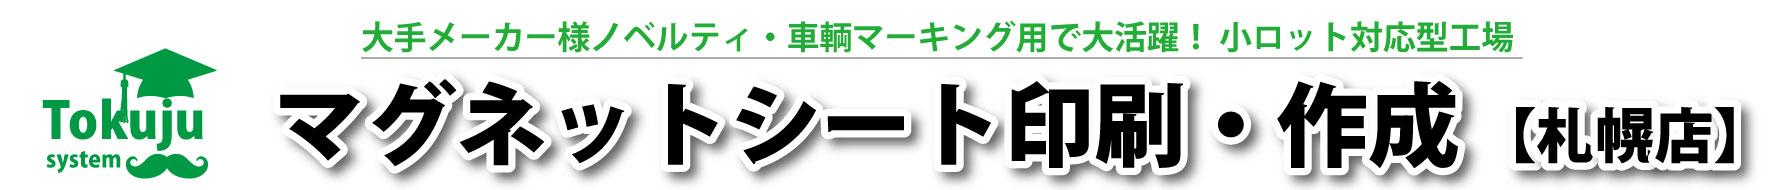 マグネットシート印刷作成【札幌工場】